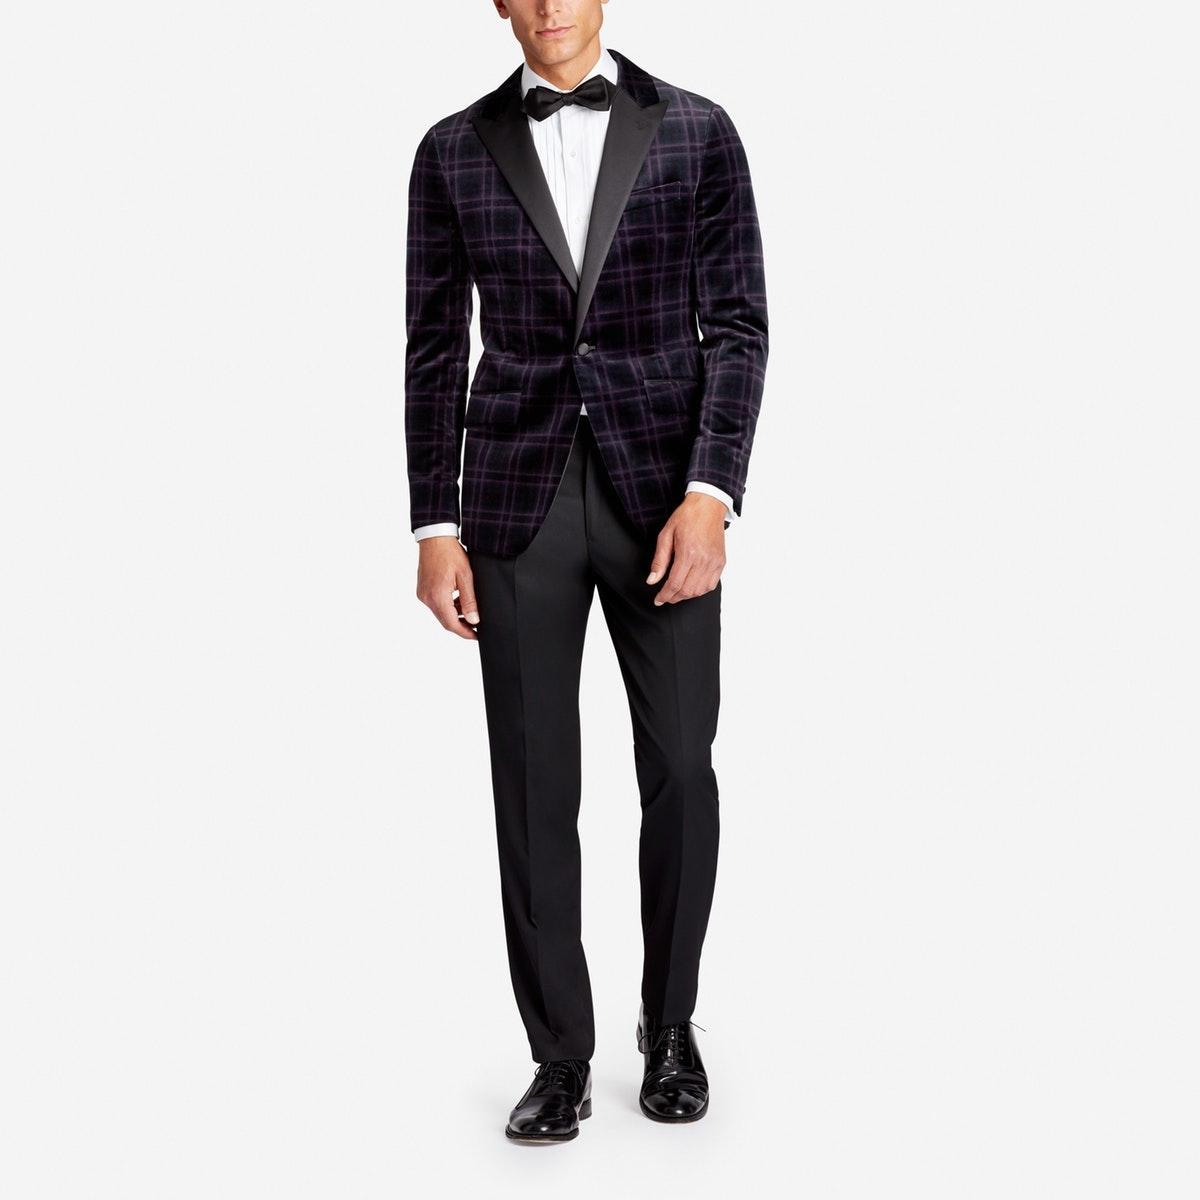 Capstone Italian Velvet Tuxedo